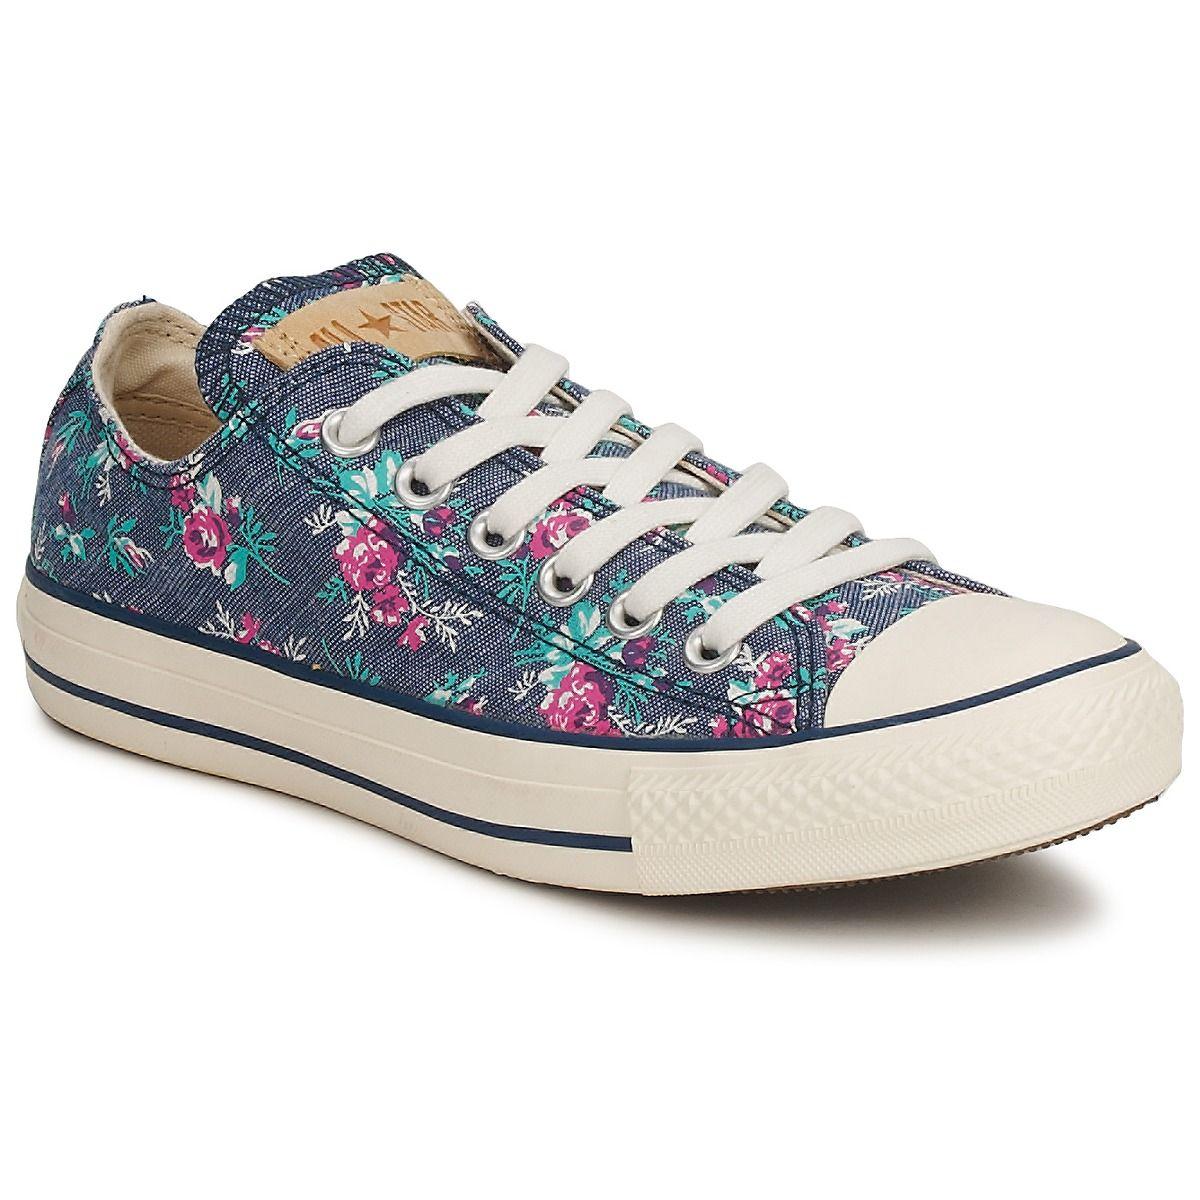 153150691279 Floral Converse Shoe